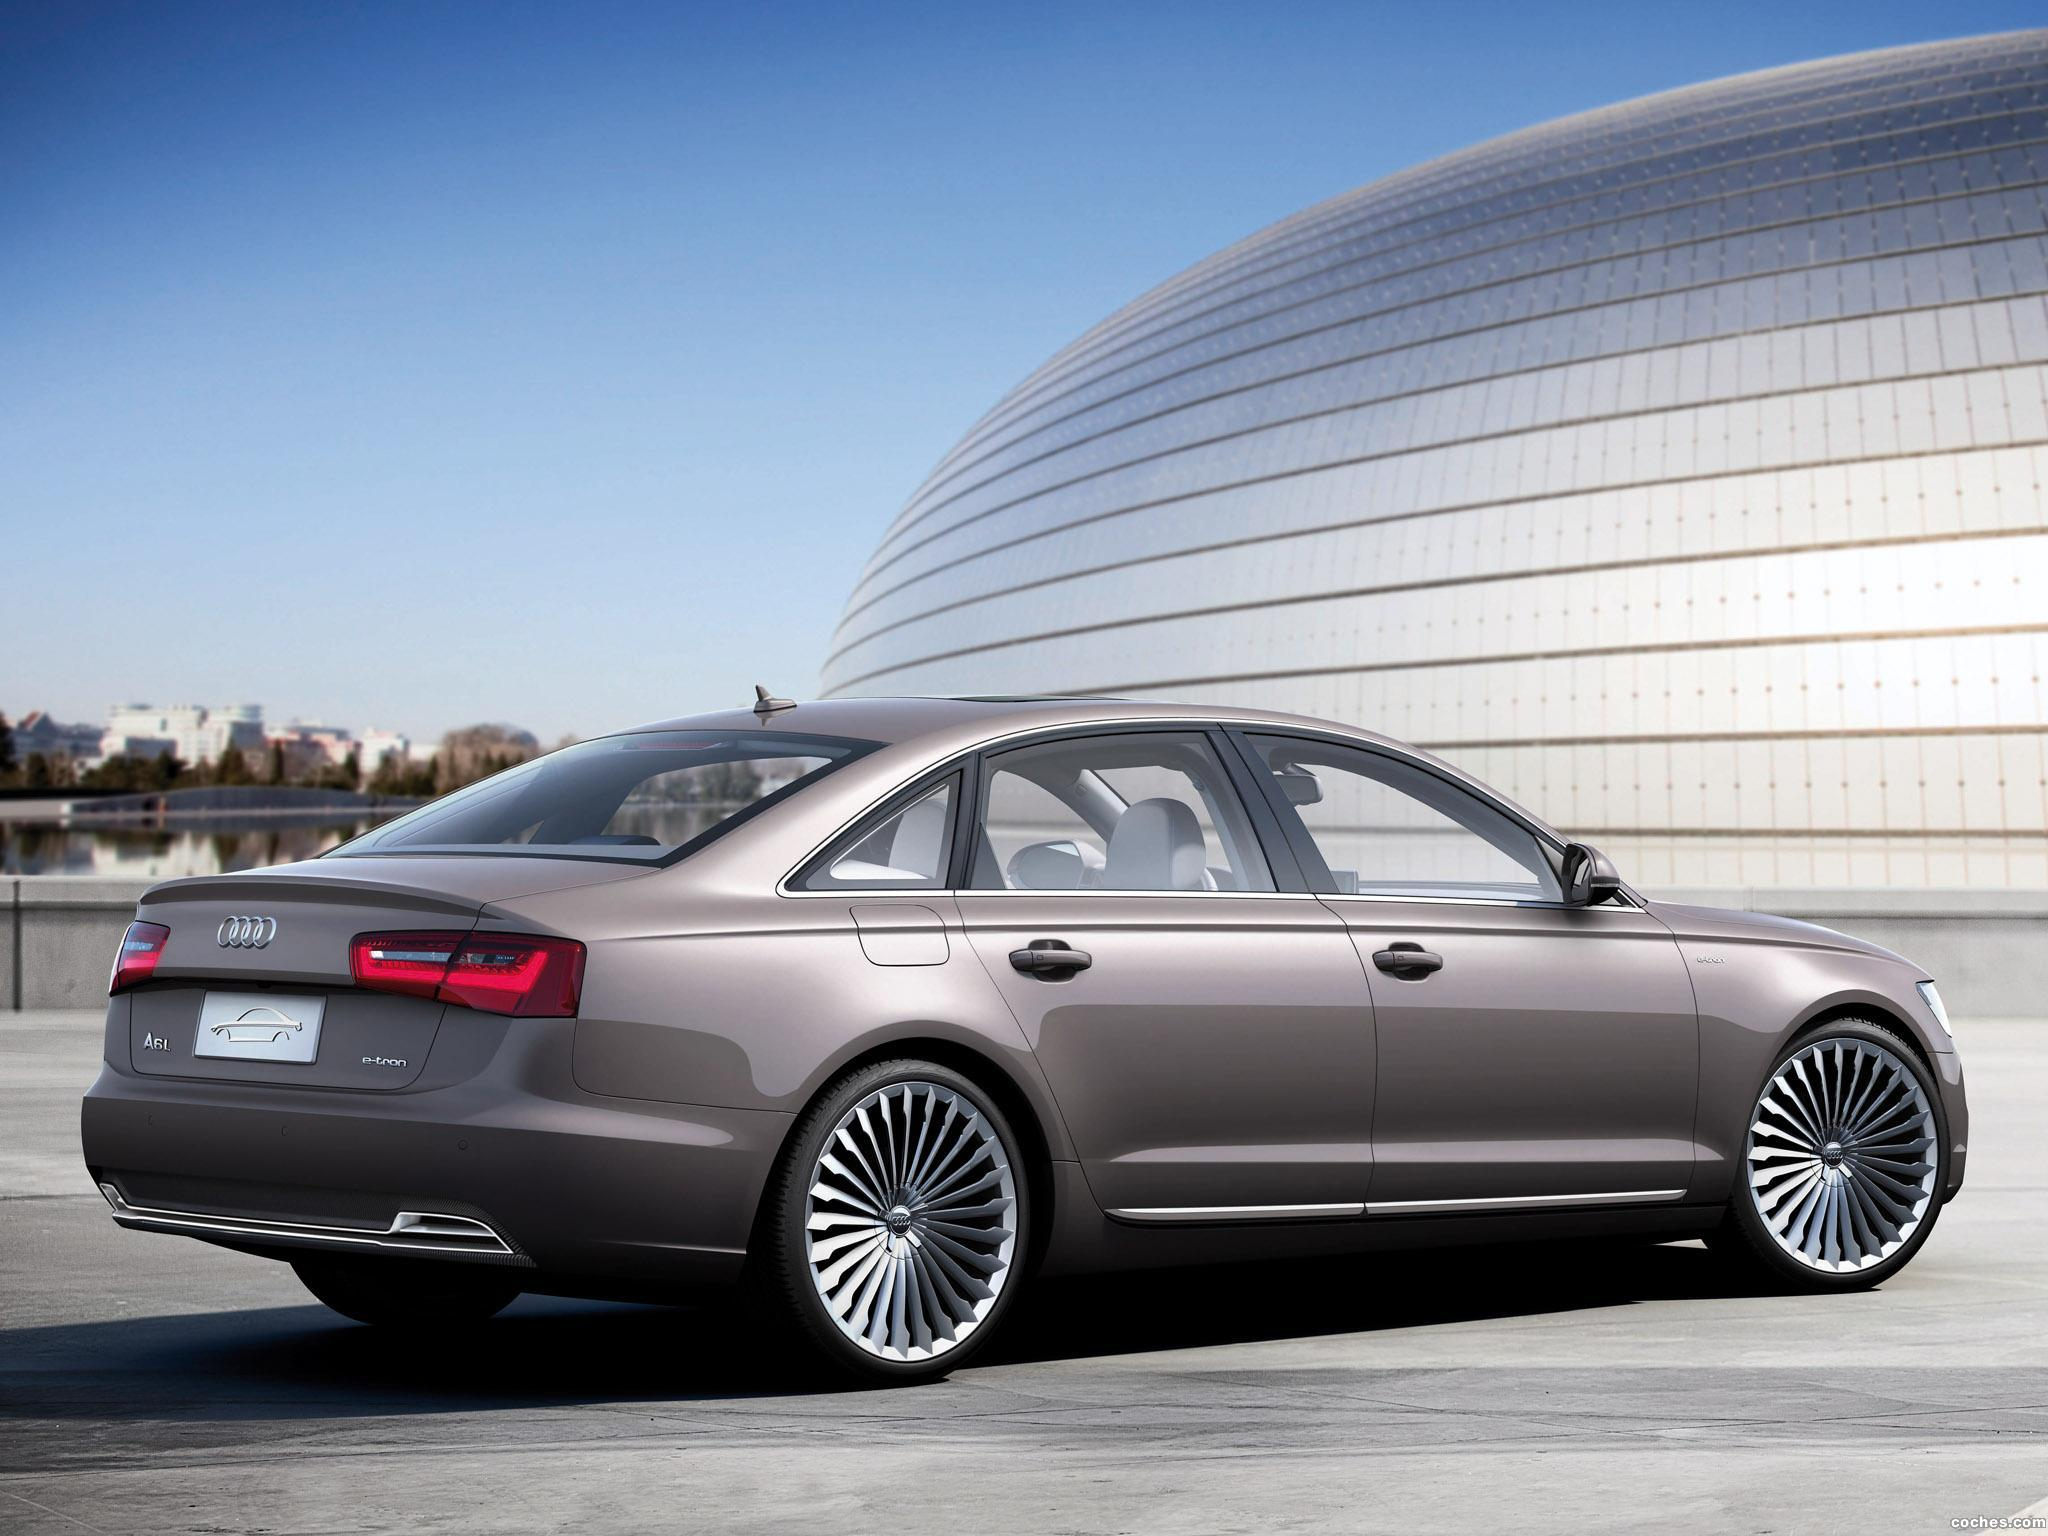 Foto 2 de Audi A6 L e-Tron Concept 2012